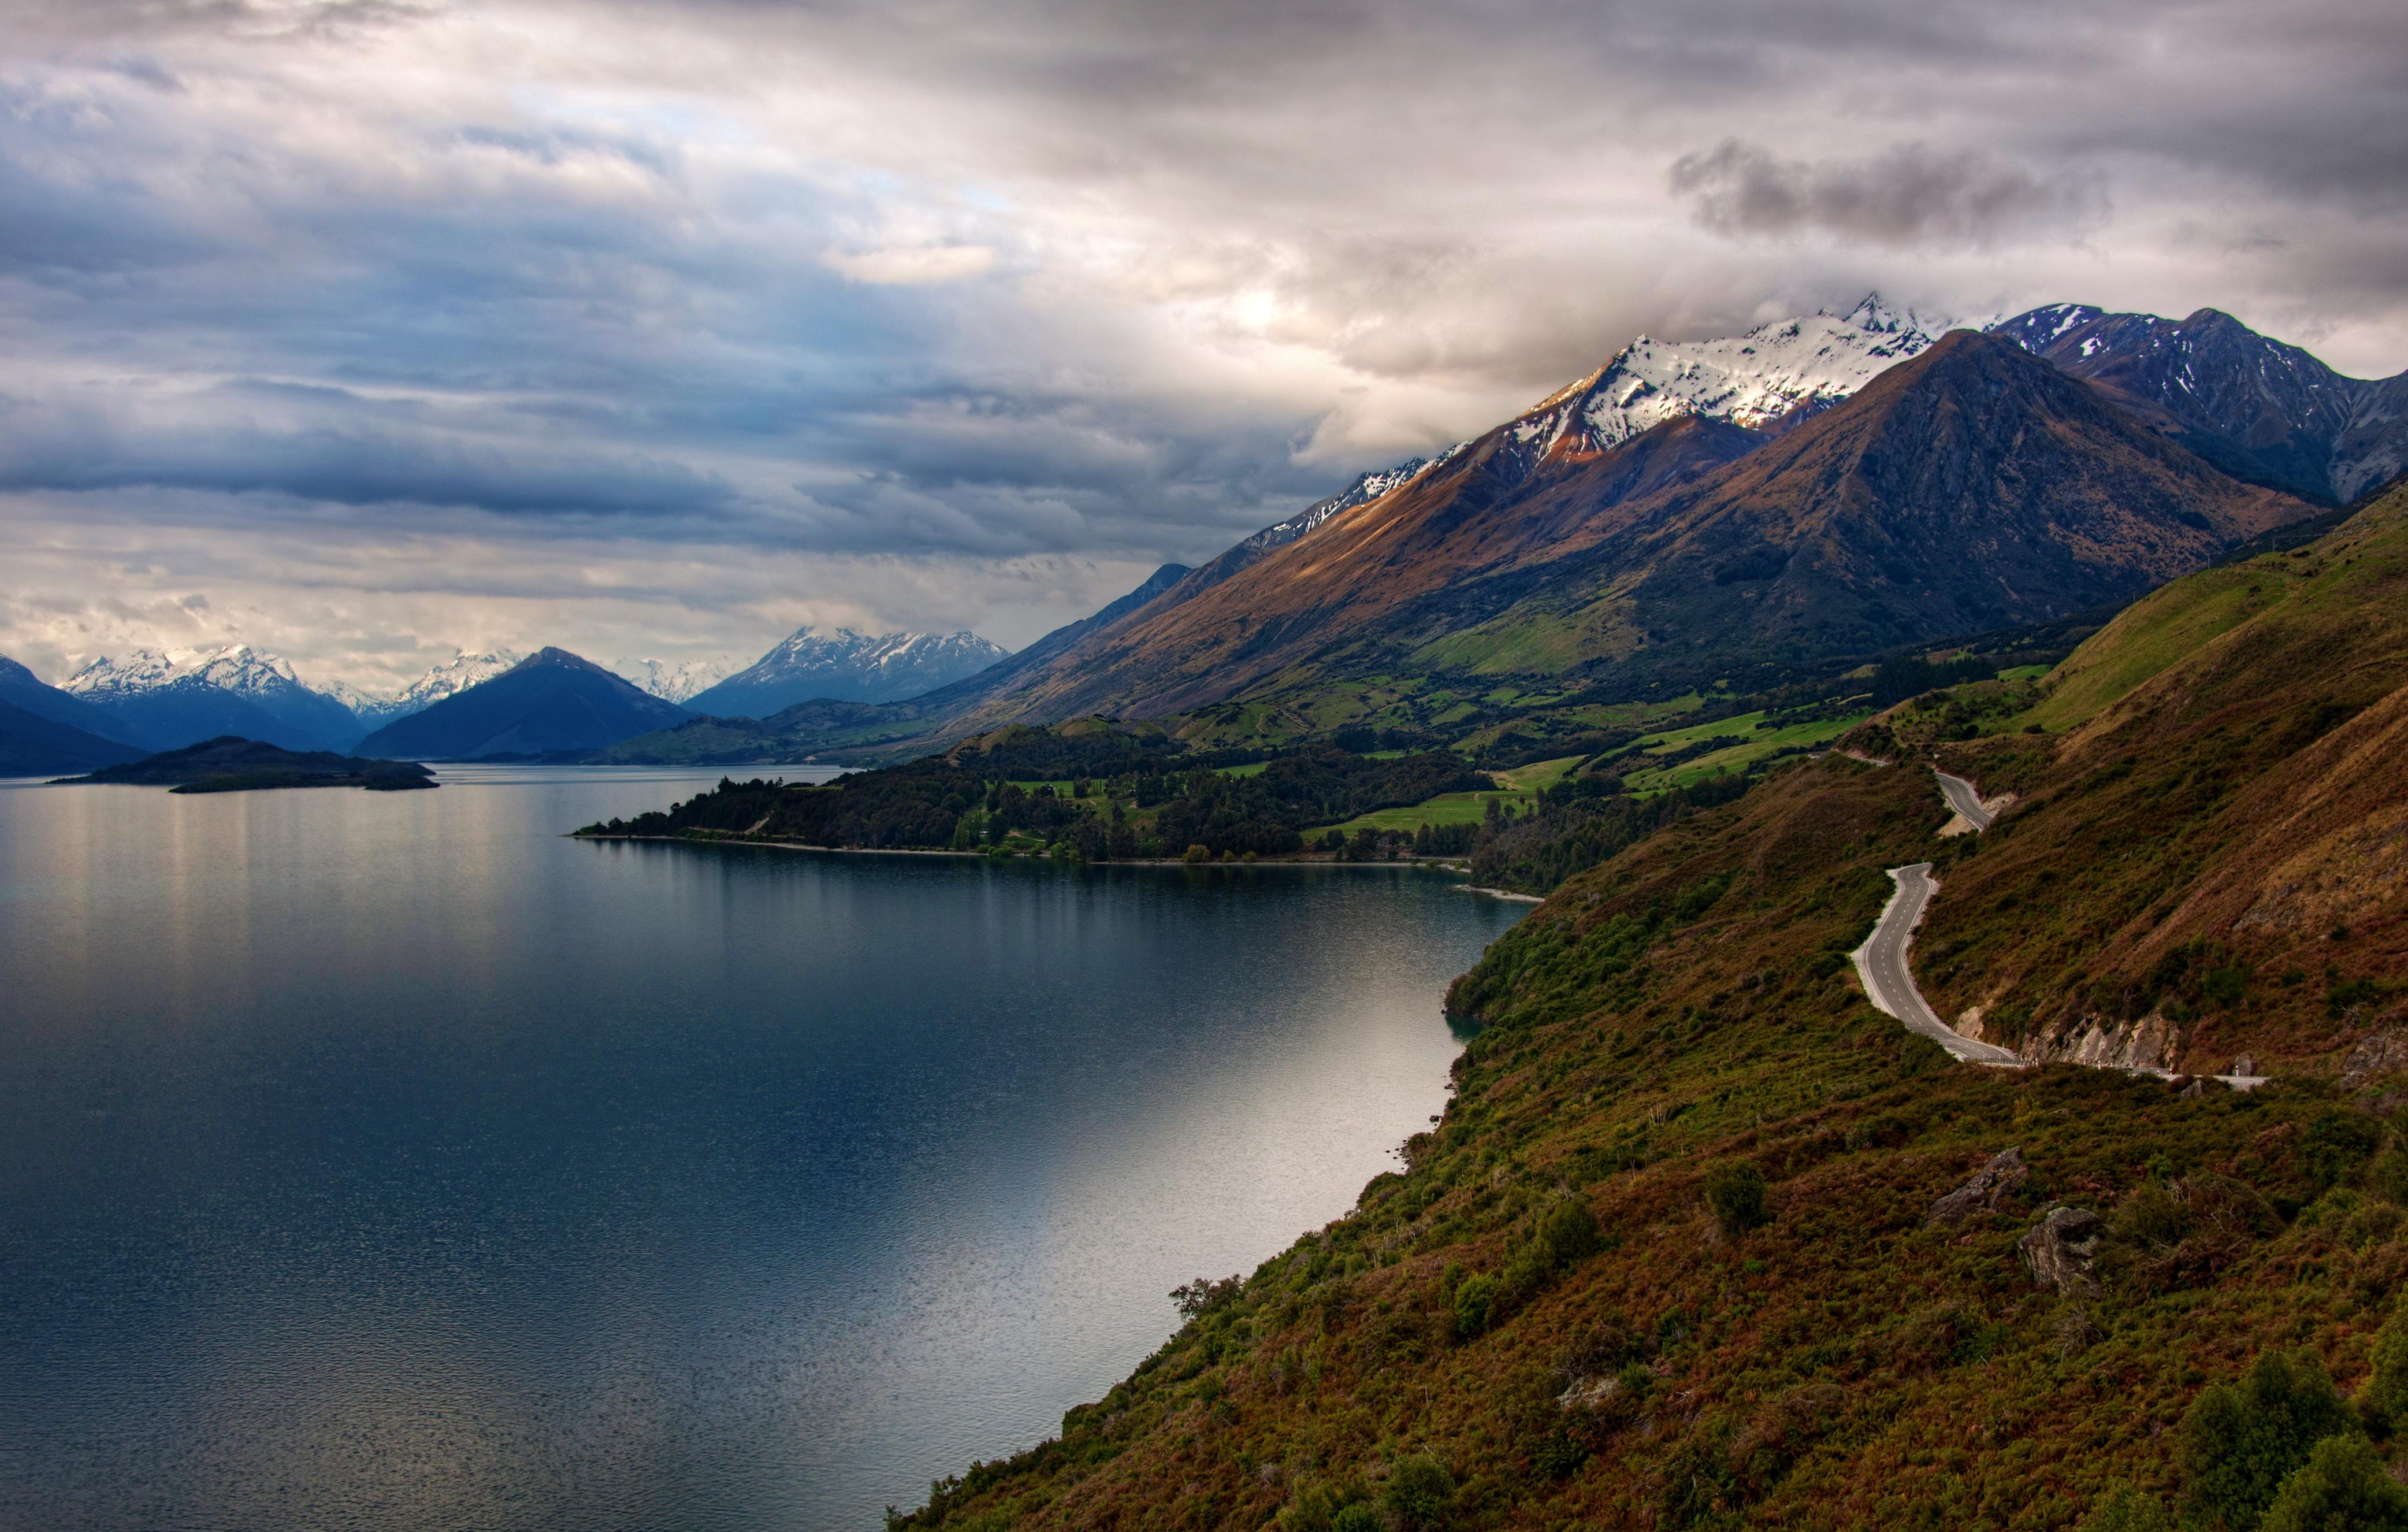 после новая зеландия картинки в хорошем качестве поняли, что